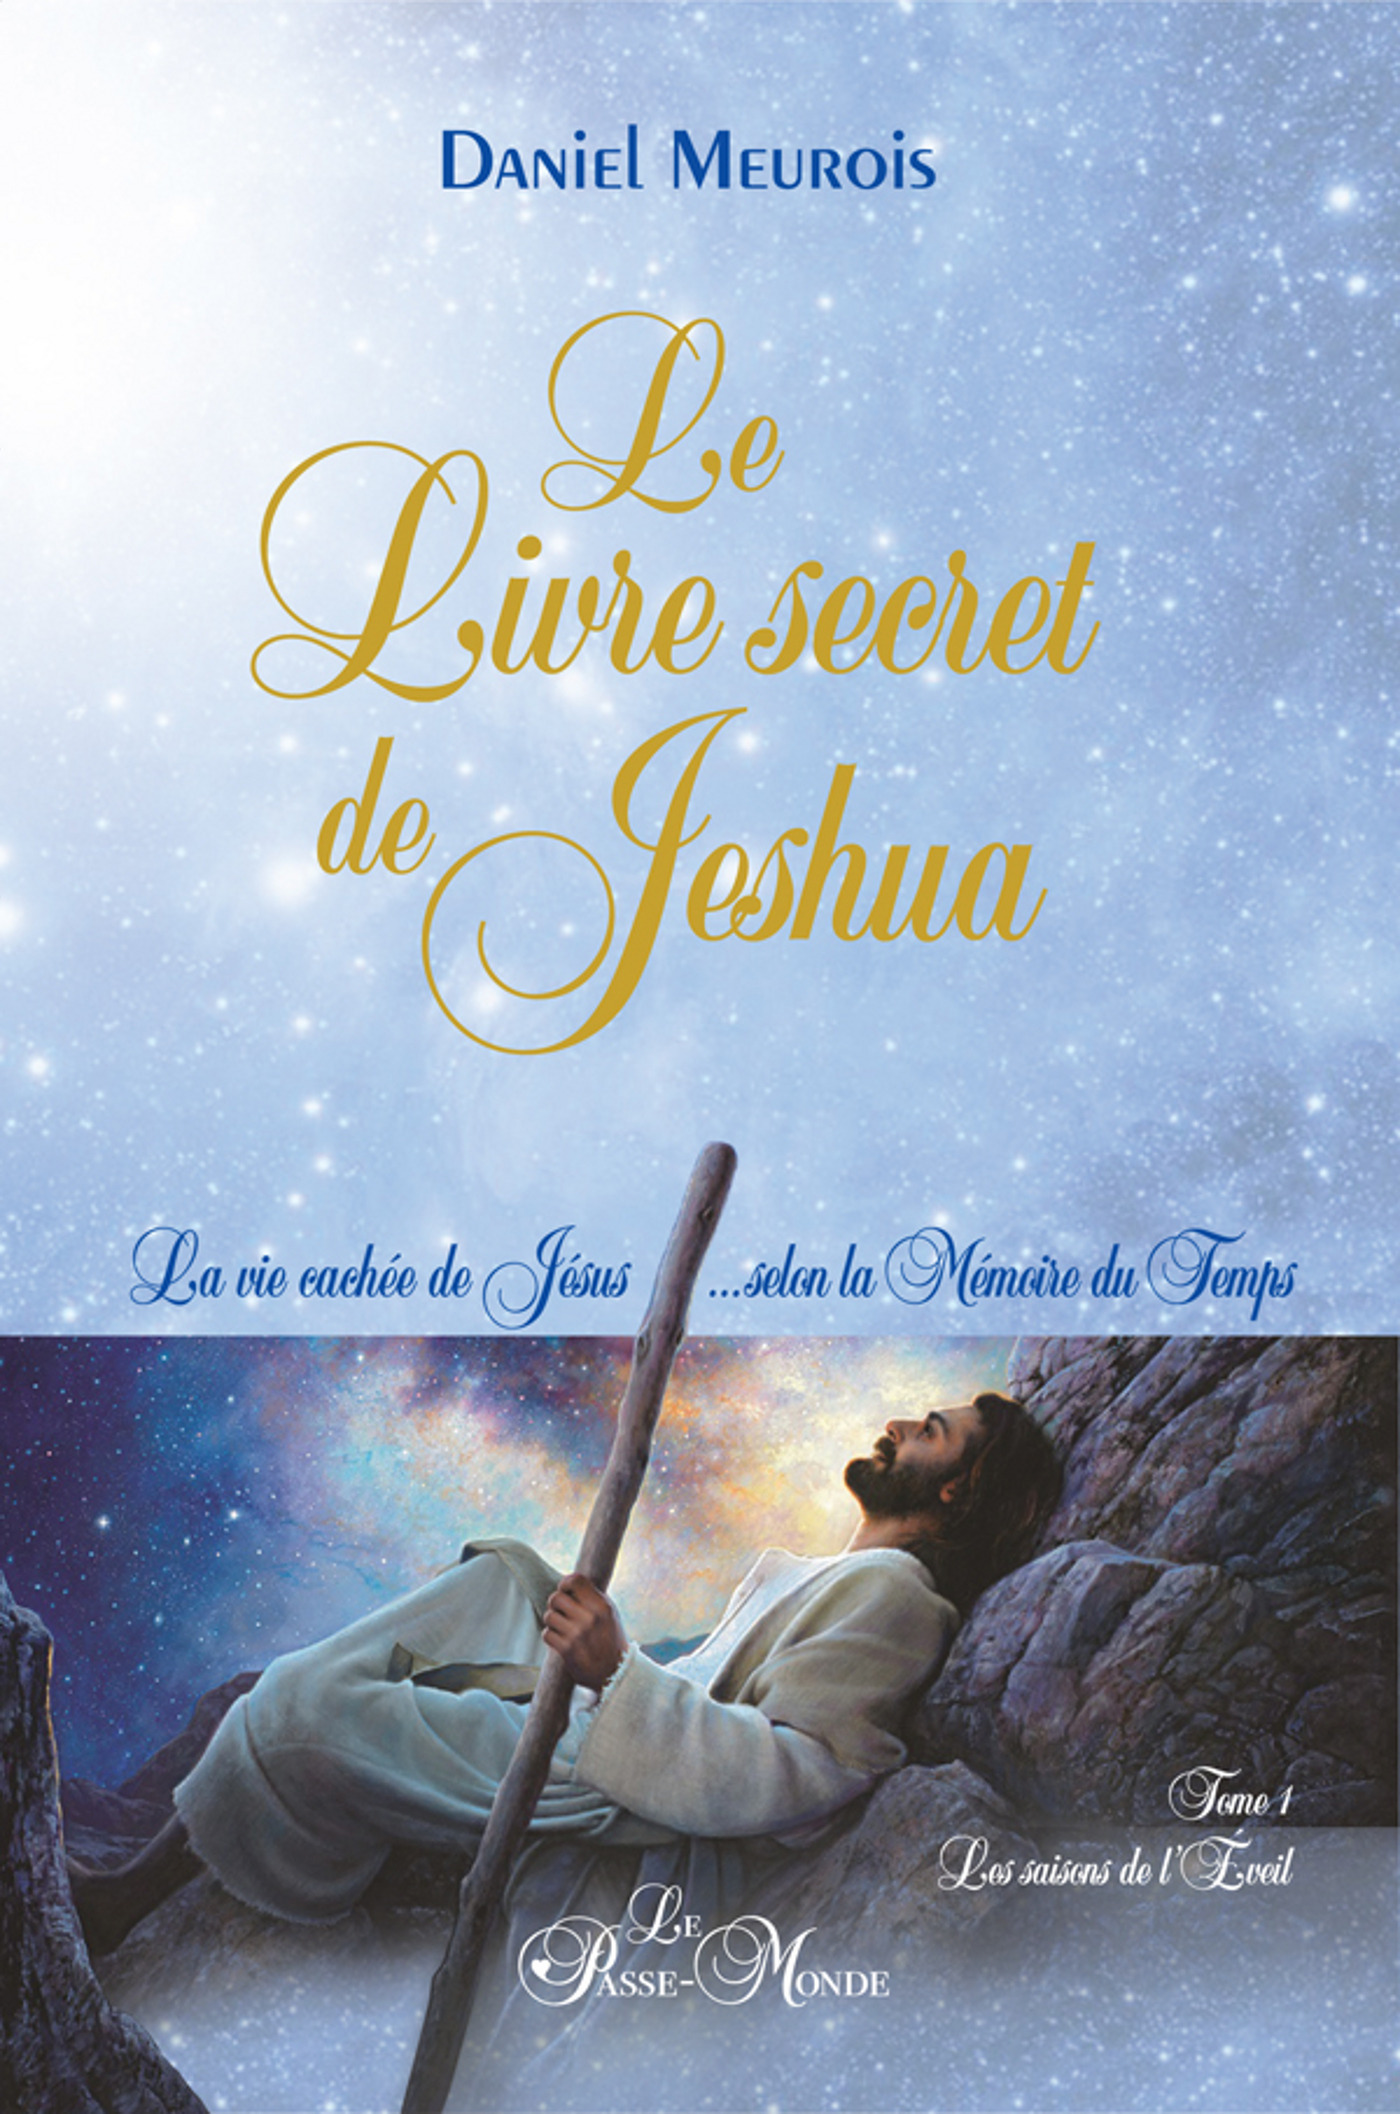 Daniel Meurois Le Livre secret de Jeshua